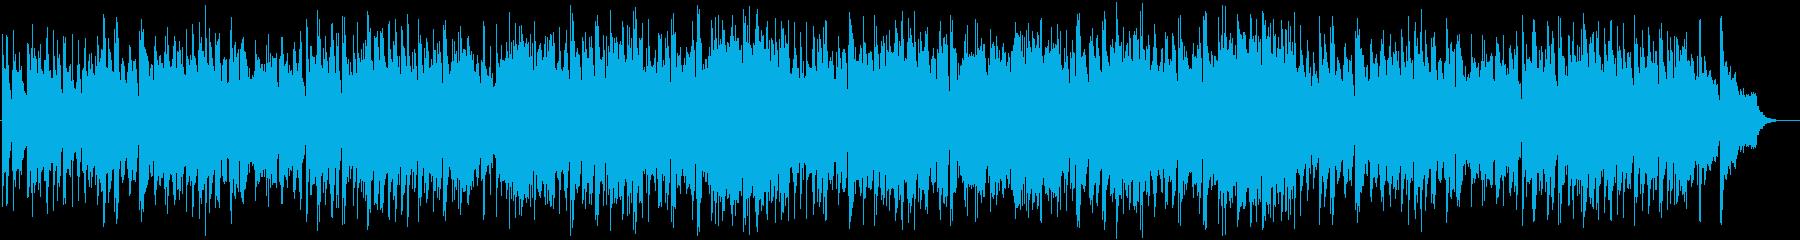 聞きなれた旋律でスローフォックスをの再生済みの波形